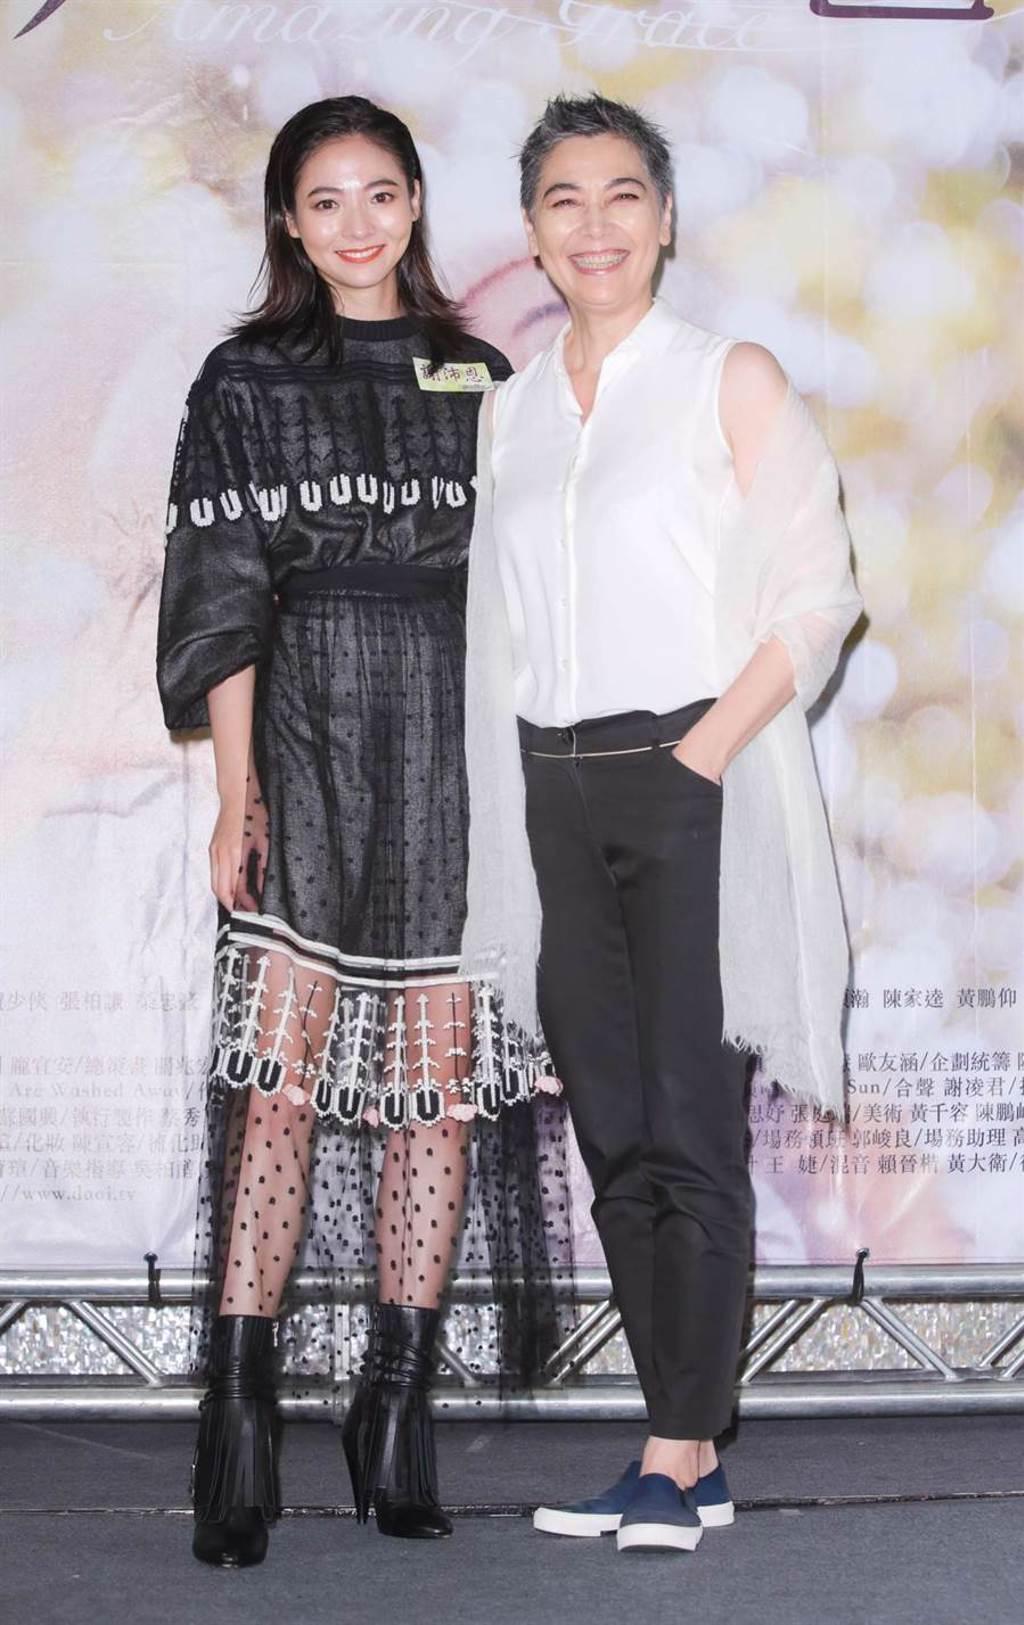 賴佩霞出席女兒謝沛恩新戲首映,給她驚喜。(吳松翰攝)